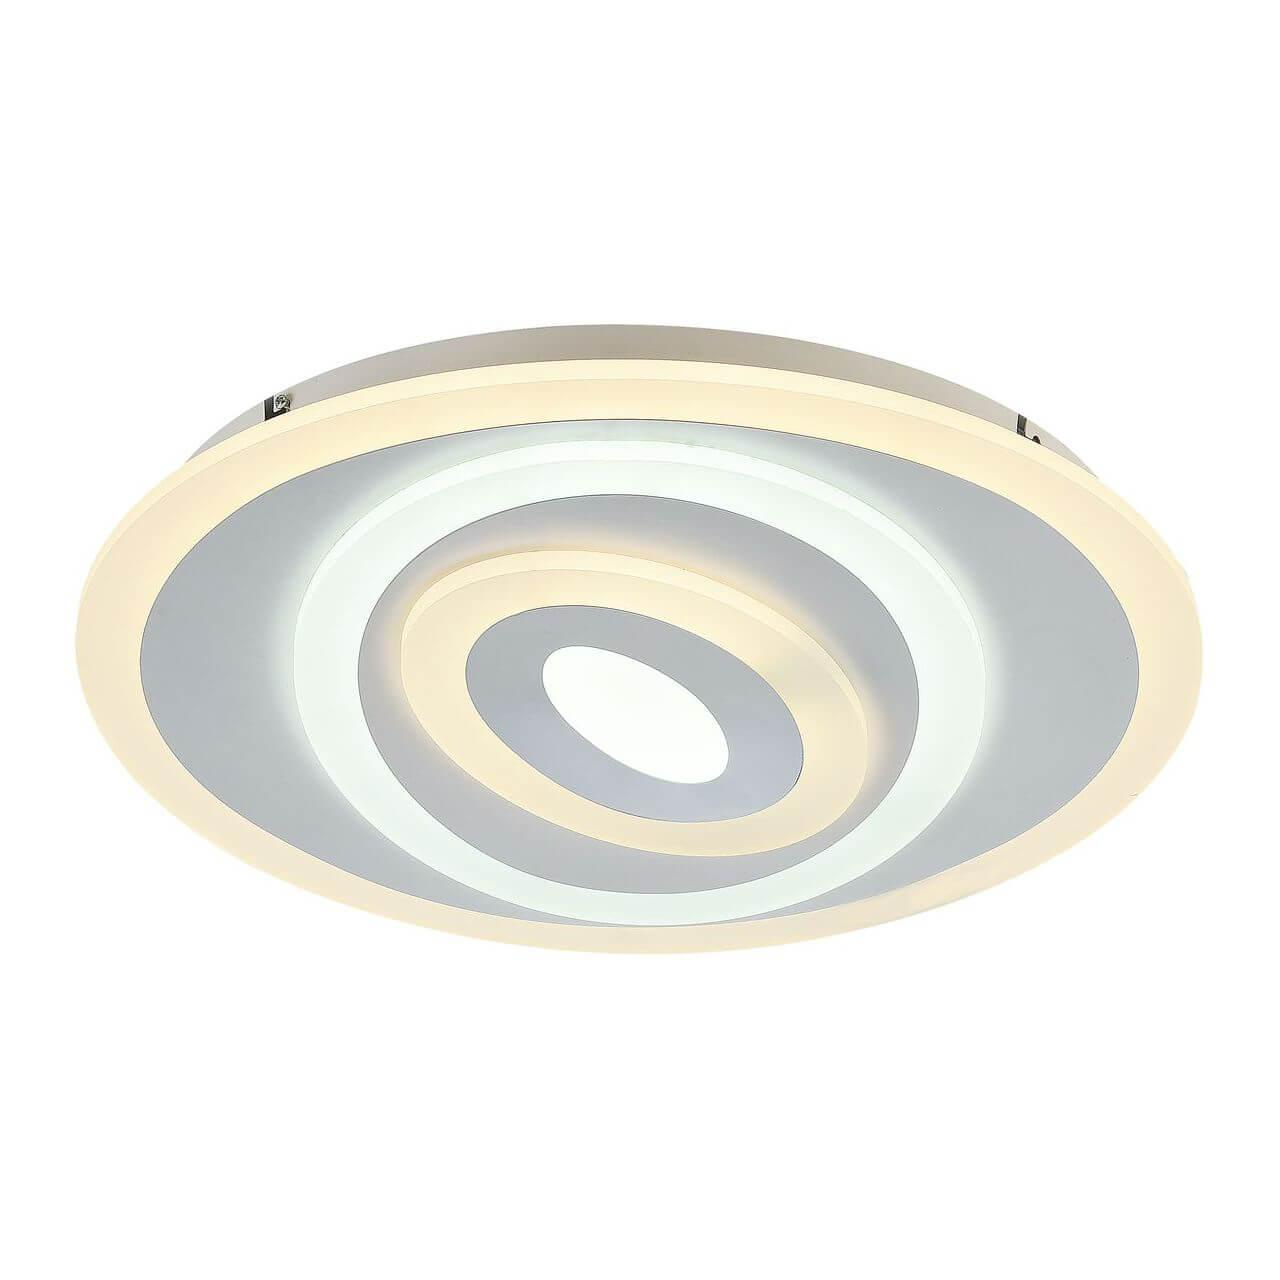 Потолочный светильник F-Promo 2274-5C, LED, 60 Вт светильник favourite ledolution 2283 5c